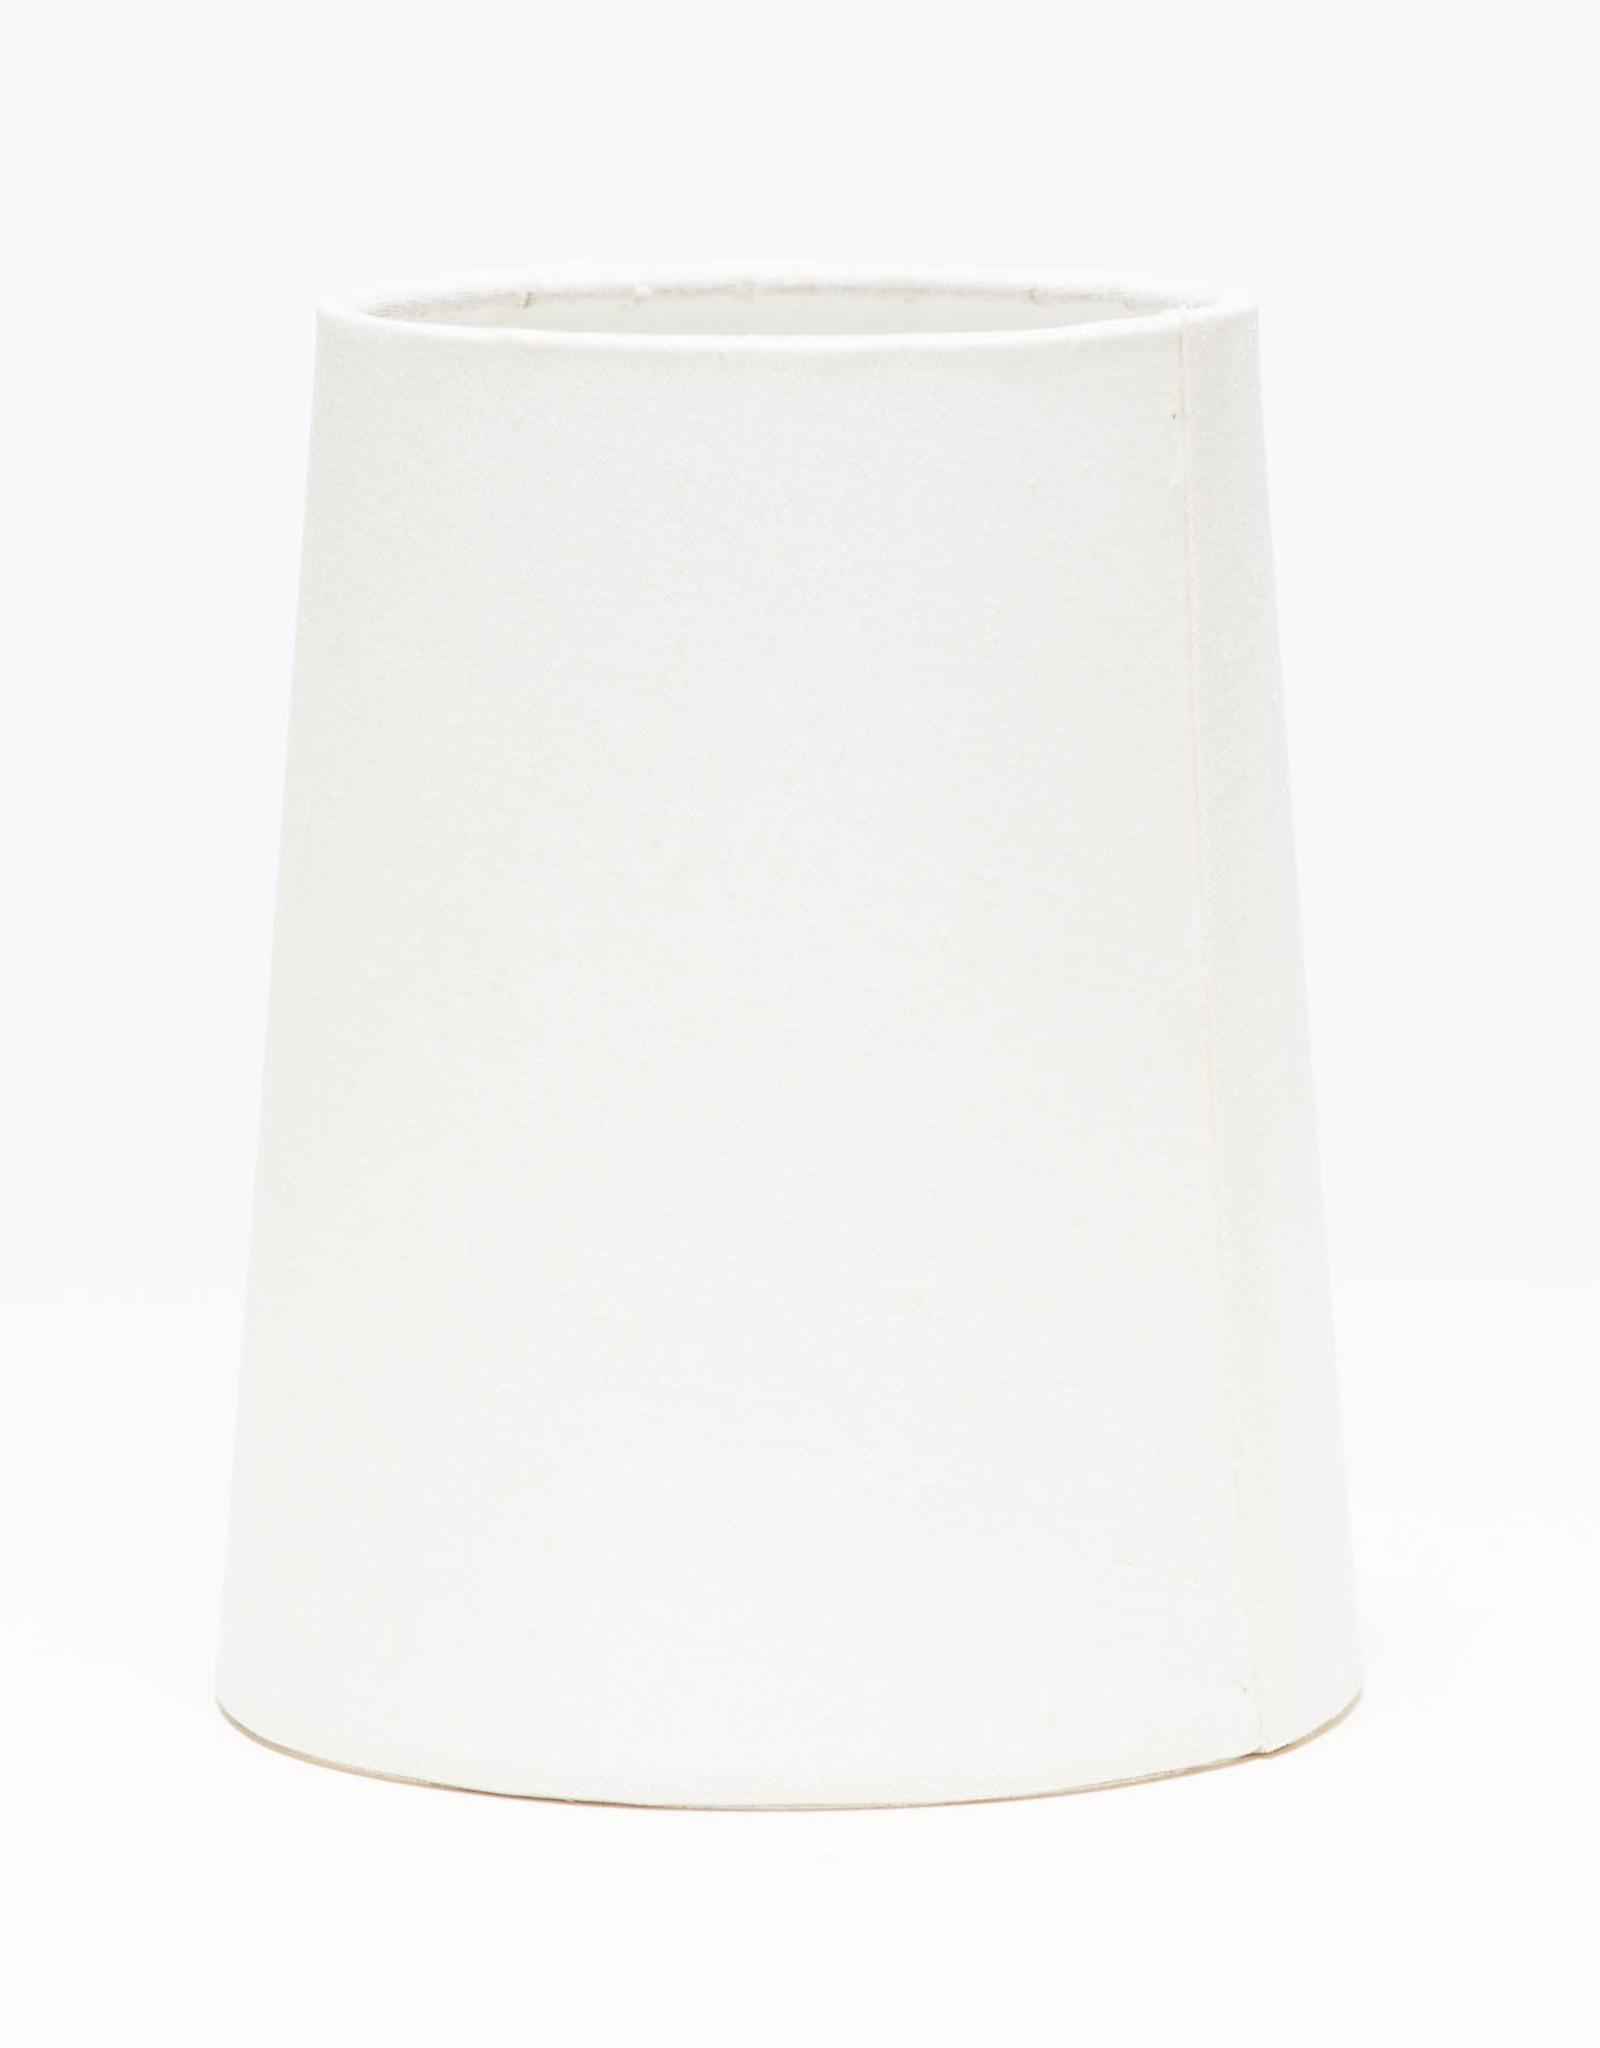 Casella Casella: White Replacement L12 Shade